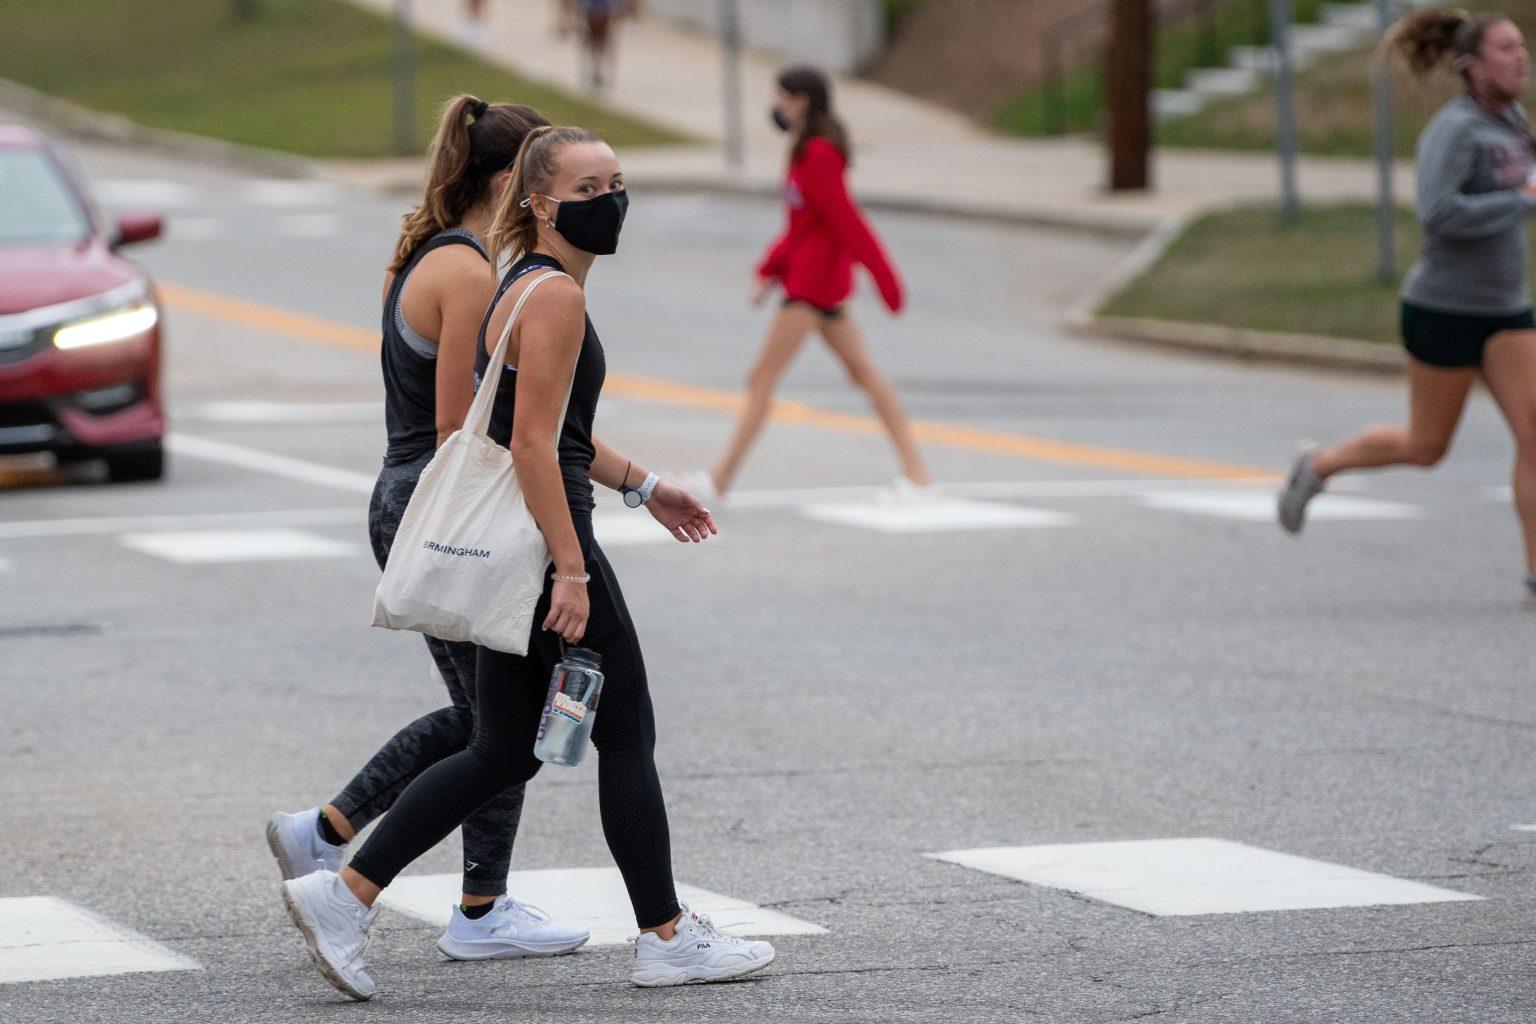 Girls walking in a crosswalk on campus